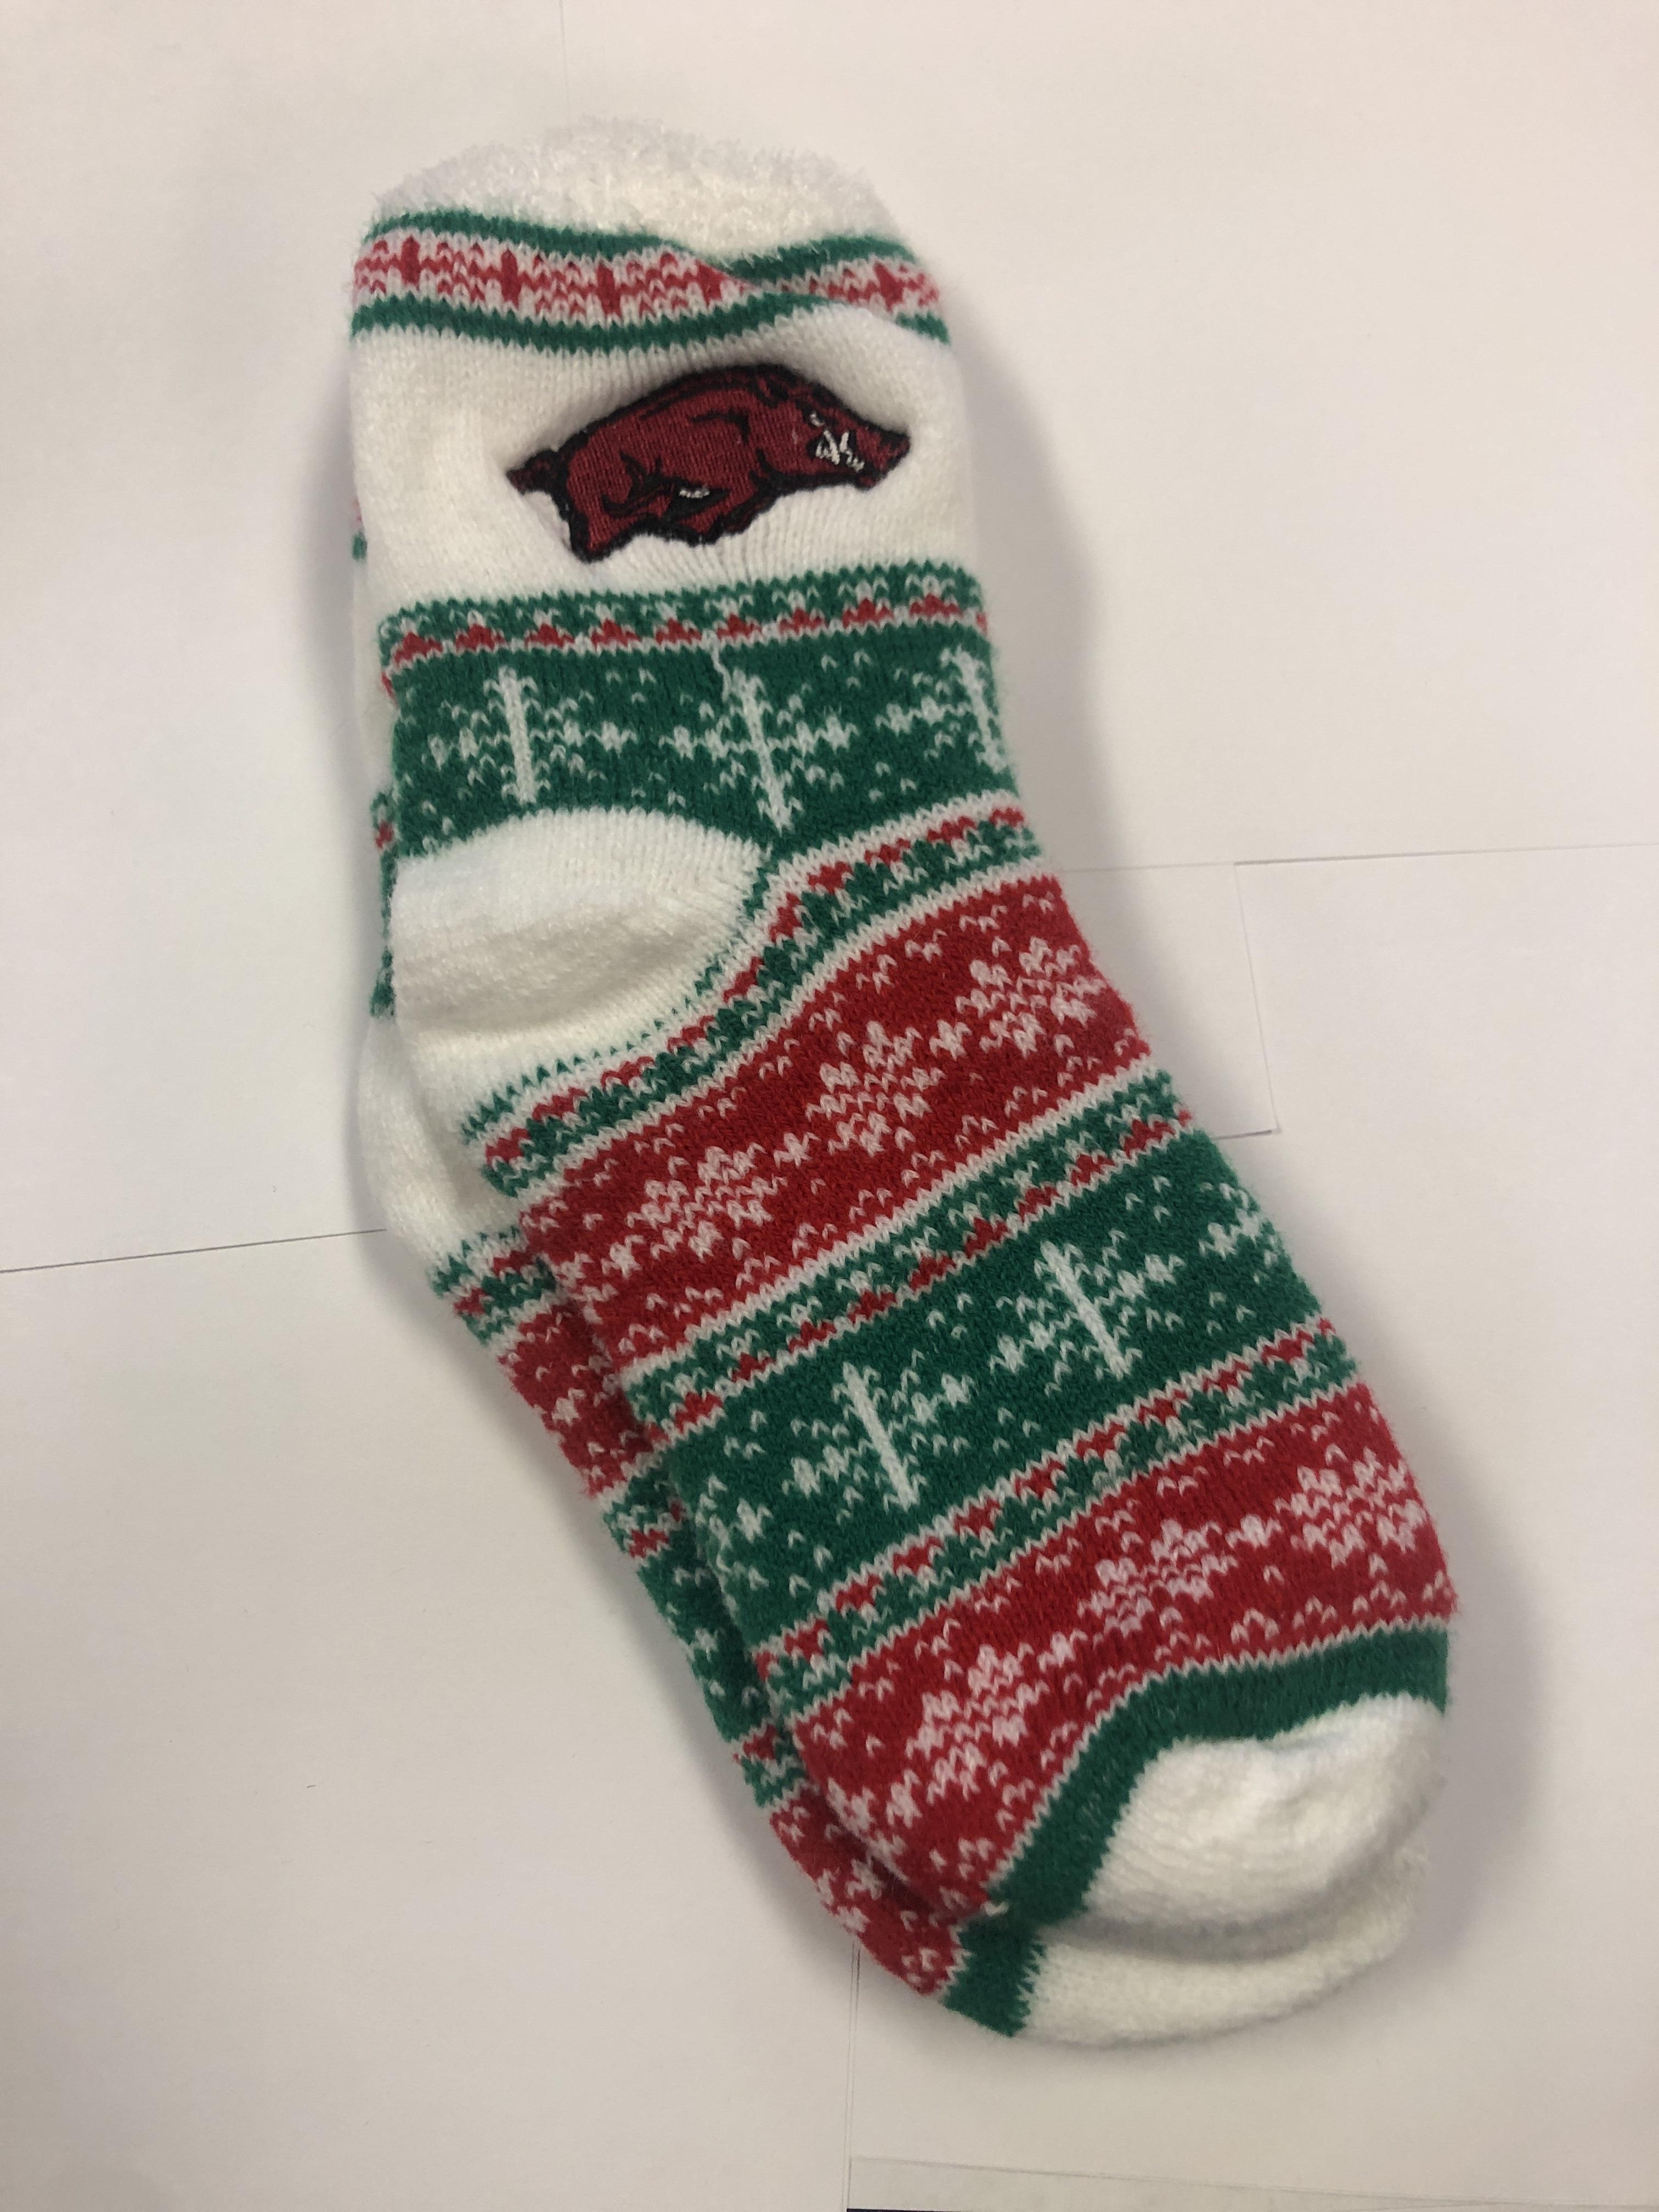 Arkansas Fuzzy Holiday Socks